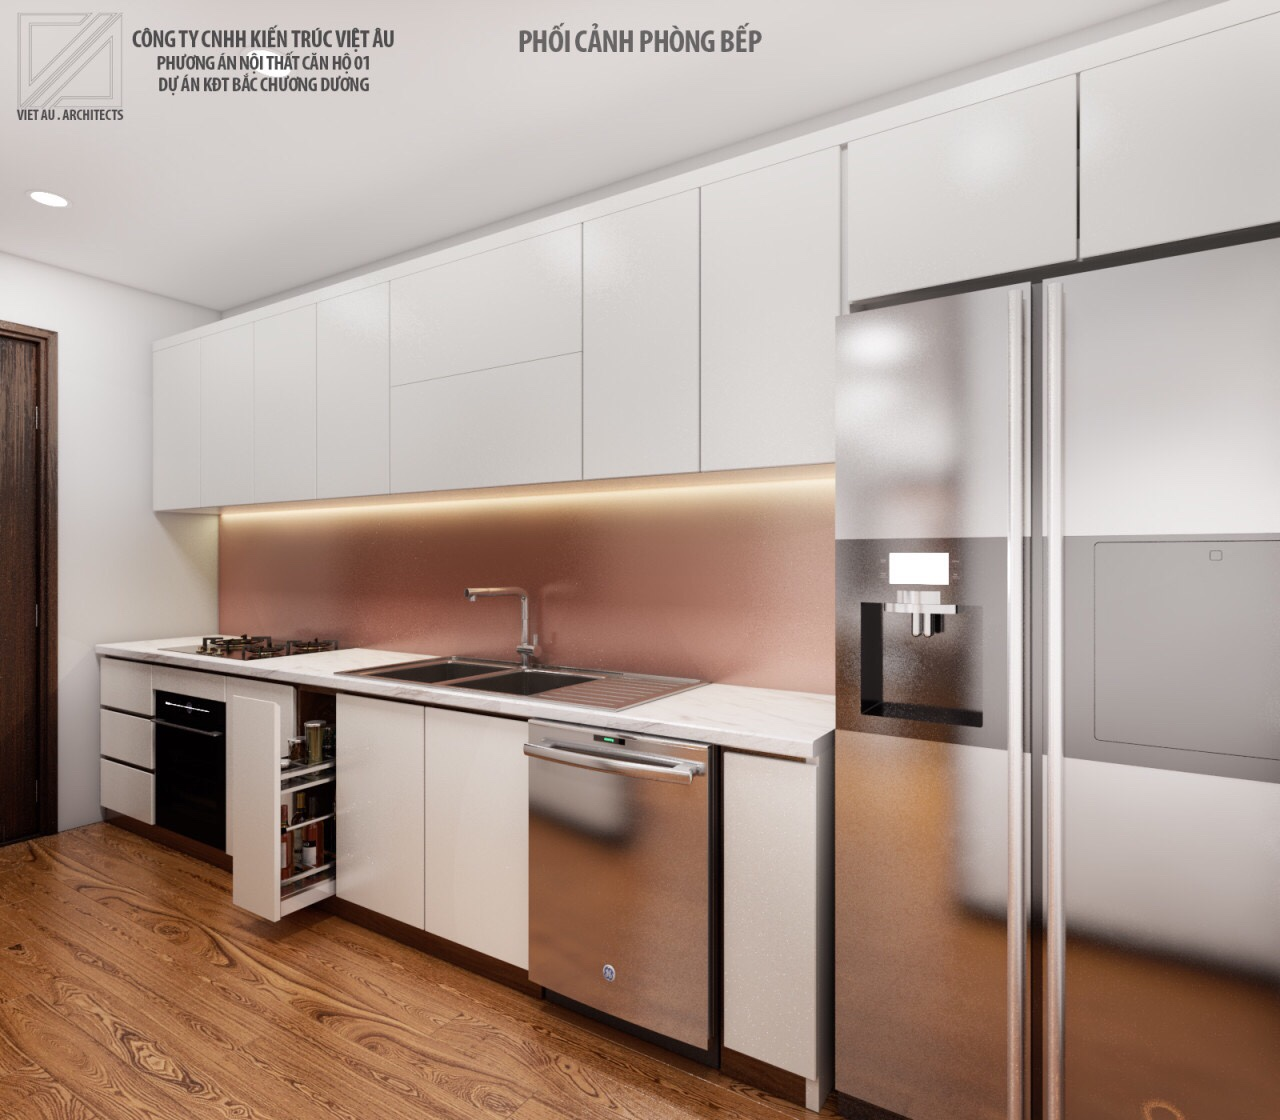 Phương án nội thất phòng bếp 2